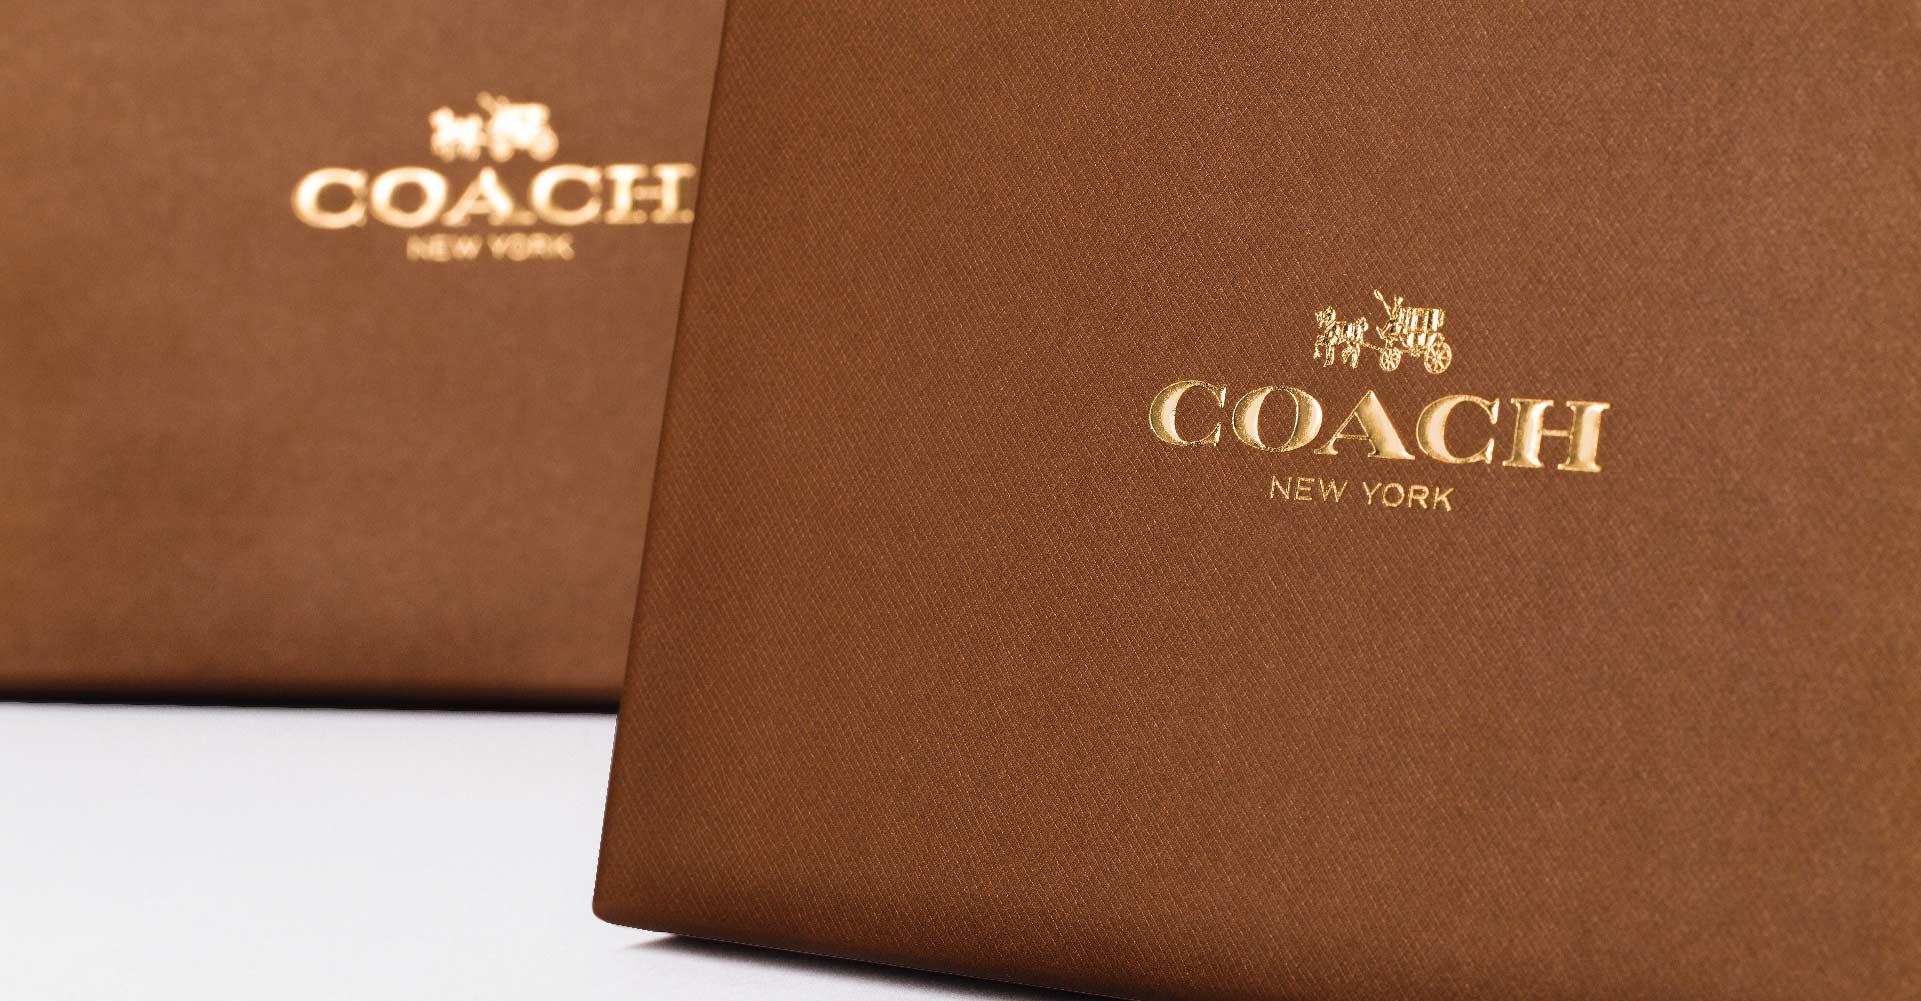 Creative_Retail_Packaging_Package_Design_Luxury_Coach_09.jpg